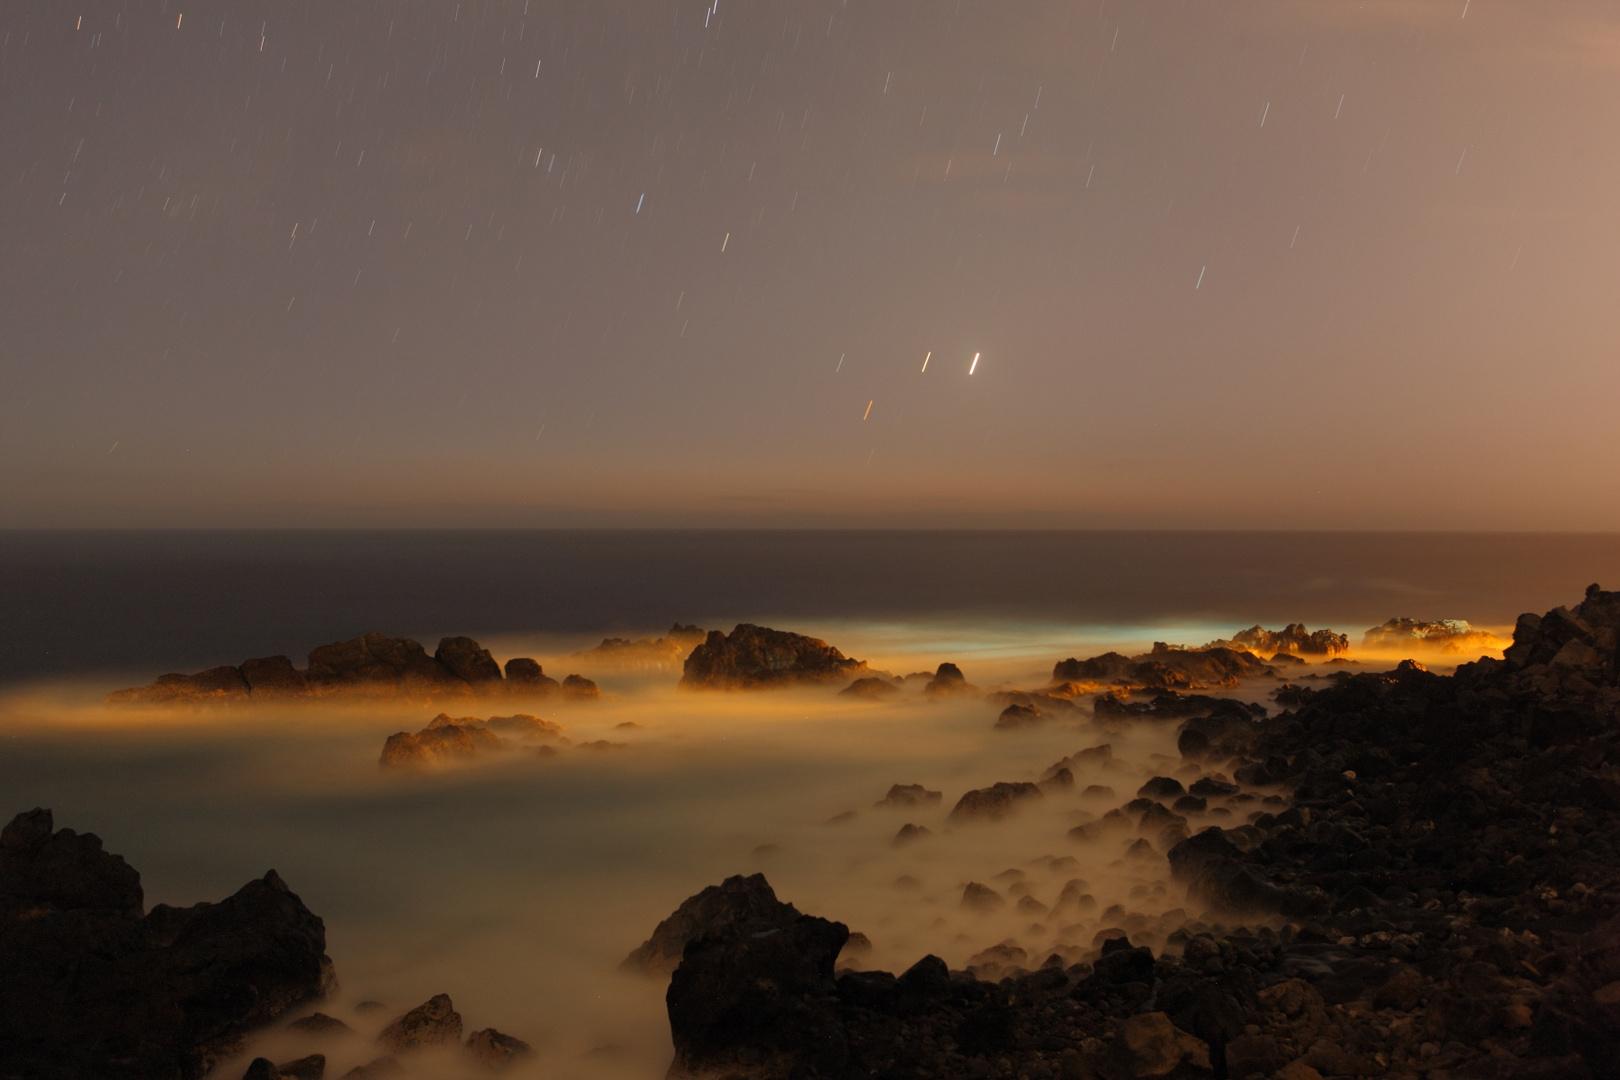 night view, sea and stars in La Réunion